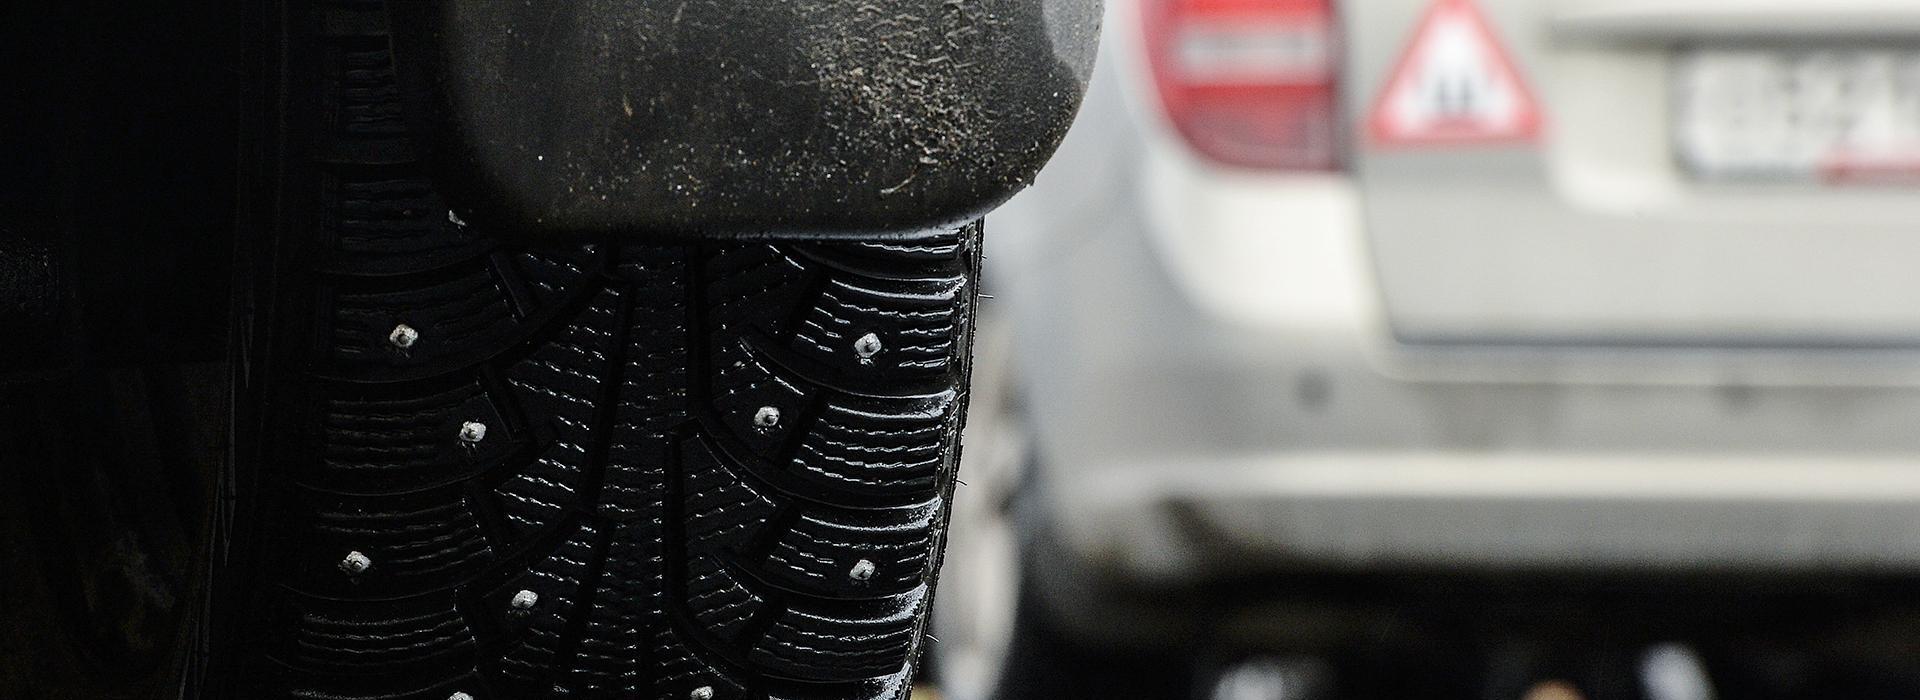 Шипованная резина: оценка влияния на качество дорожного покрытия и экологию